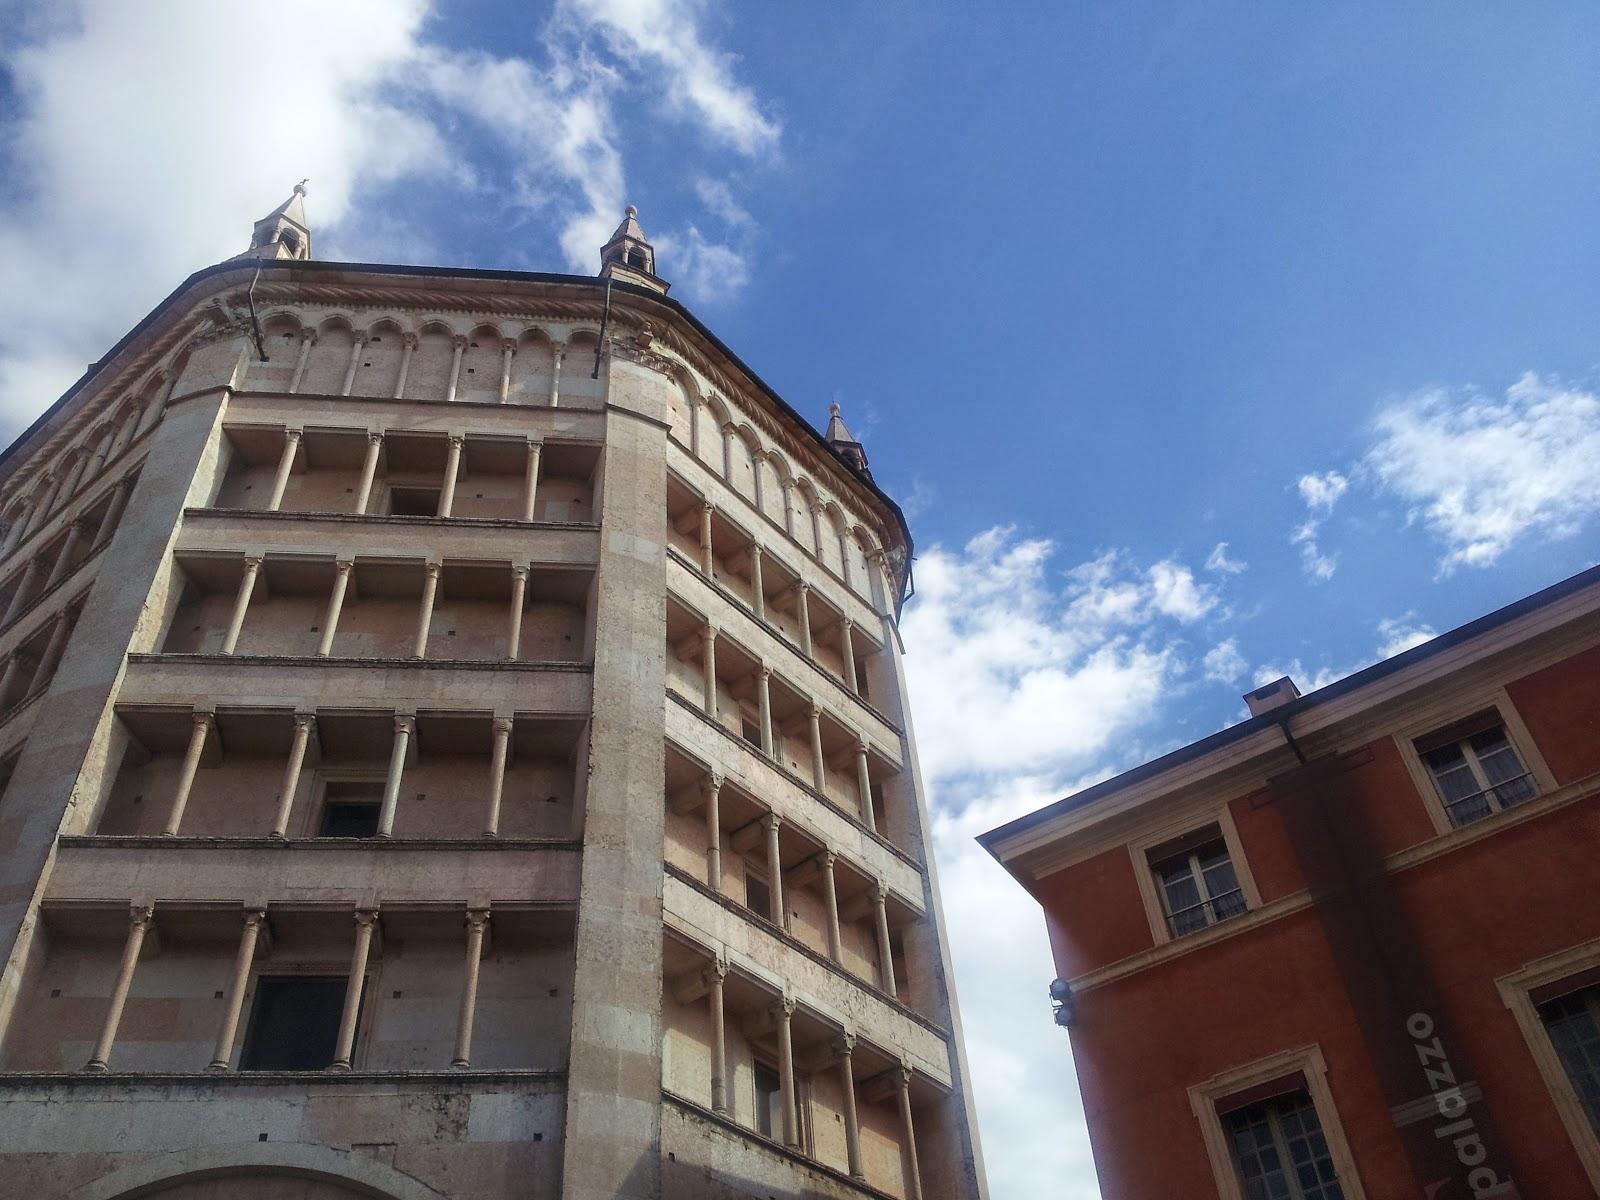 Battistero di Parma - Riproduzione riservata - Alberto Cardino